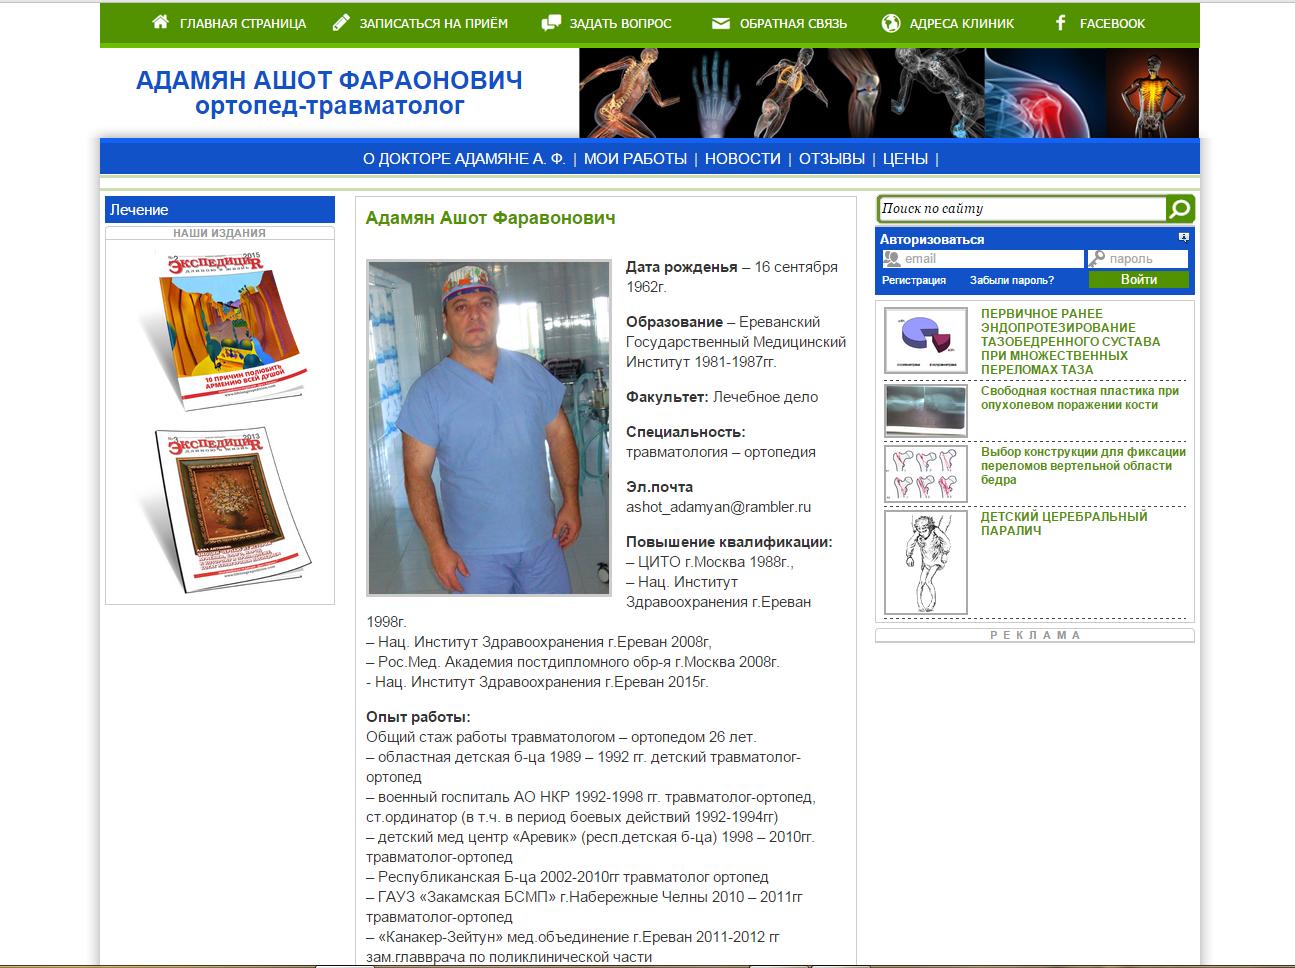 Сайт доктора Адамяна Ашота Фаравоновича